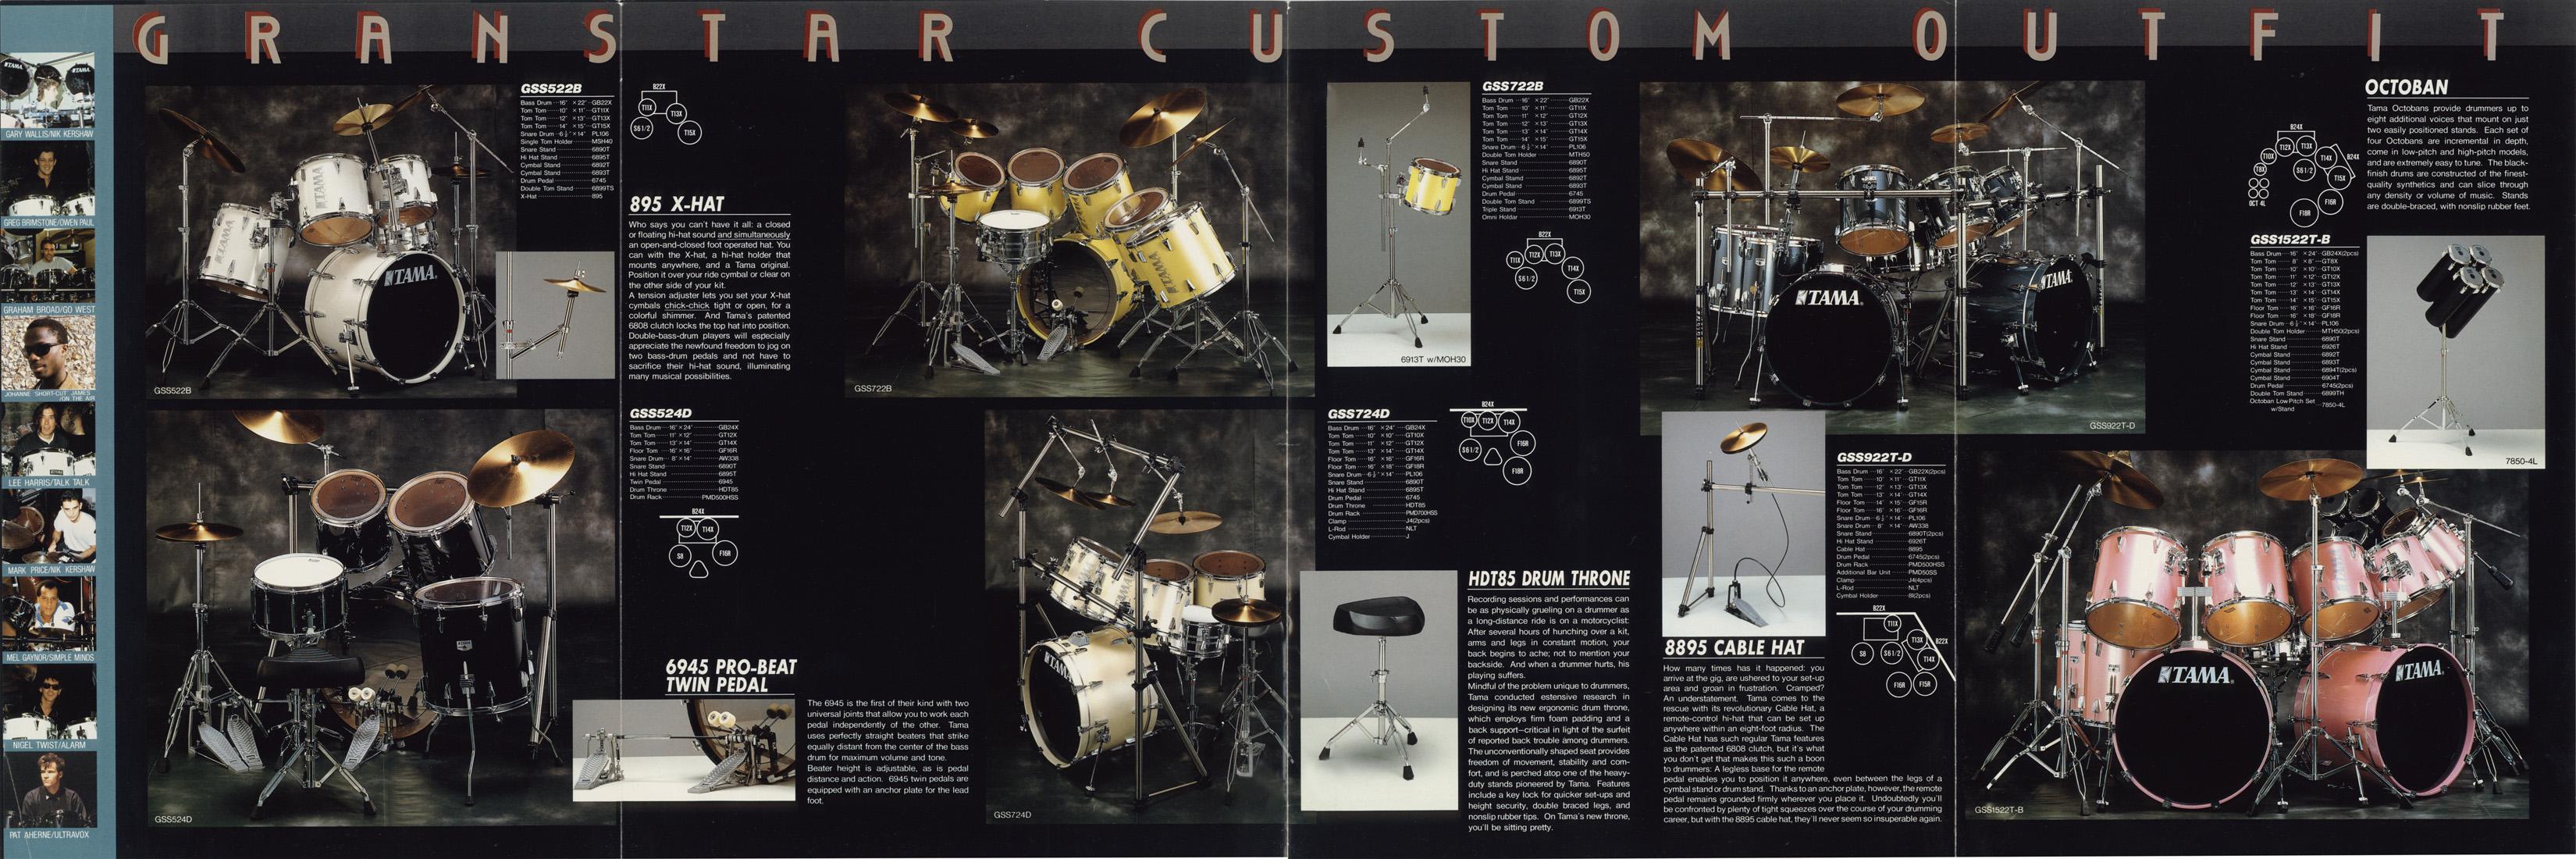 Tama Granstar Catalog 1986 Page 3